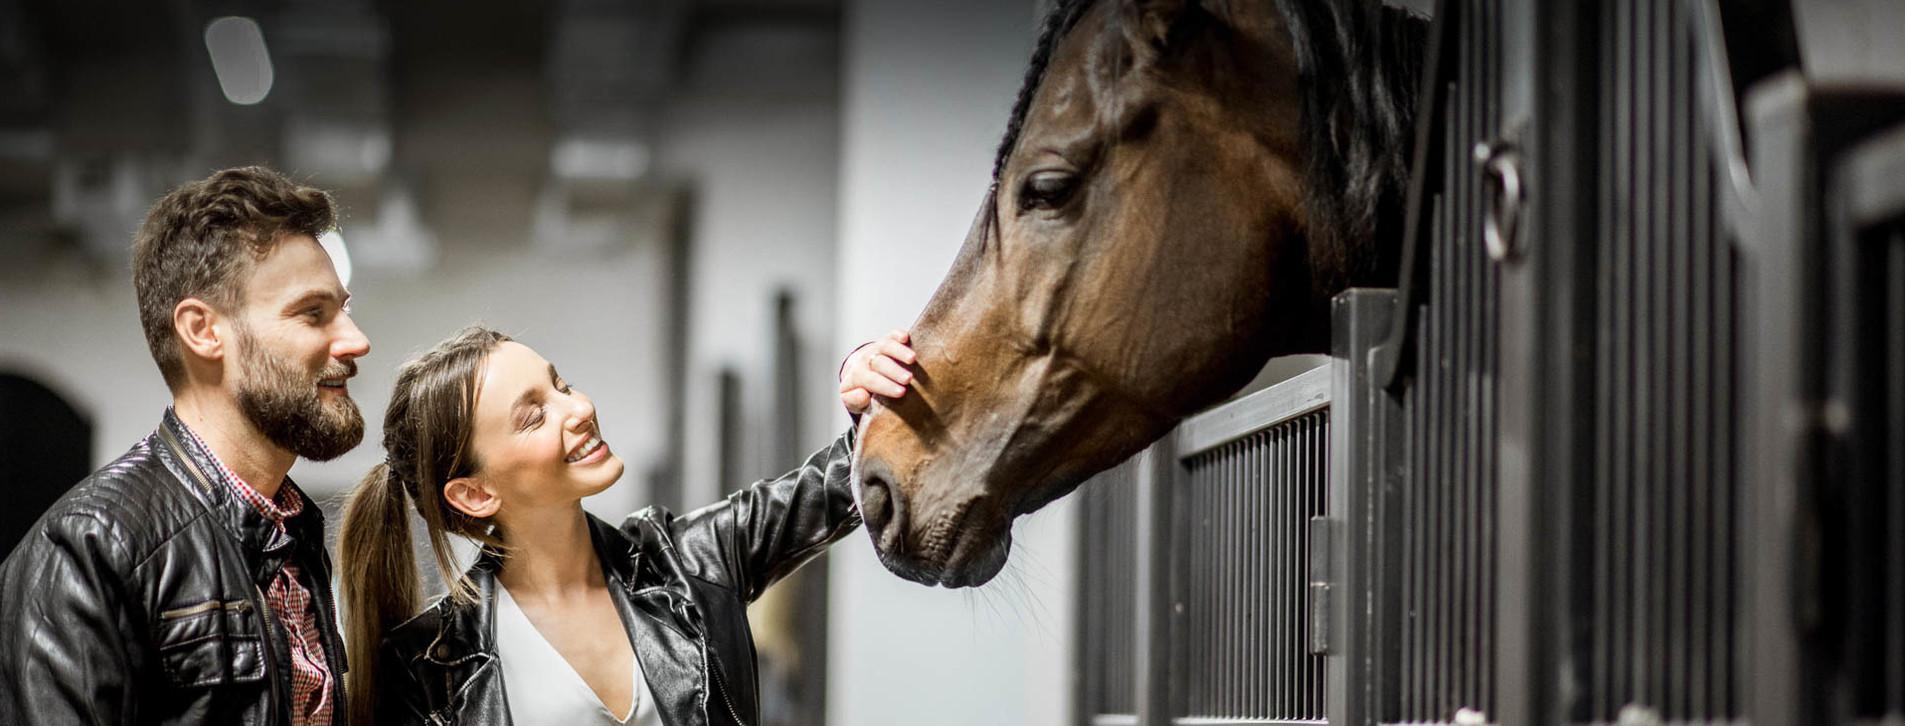 Фото - Экскурсия на конюшню для двоих